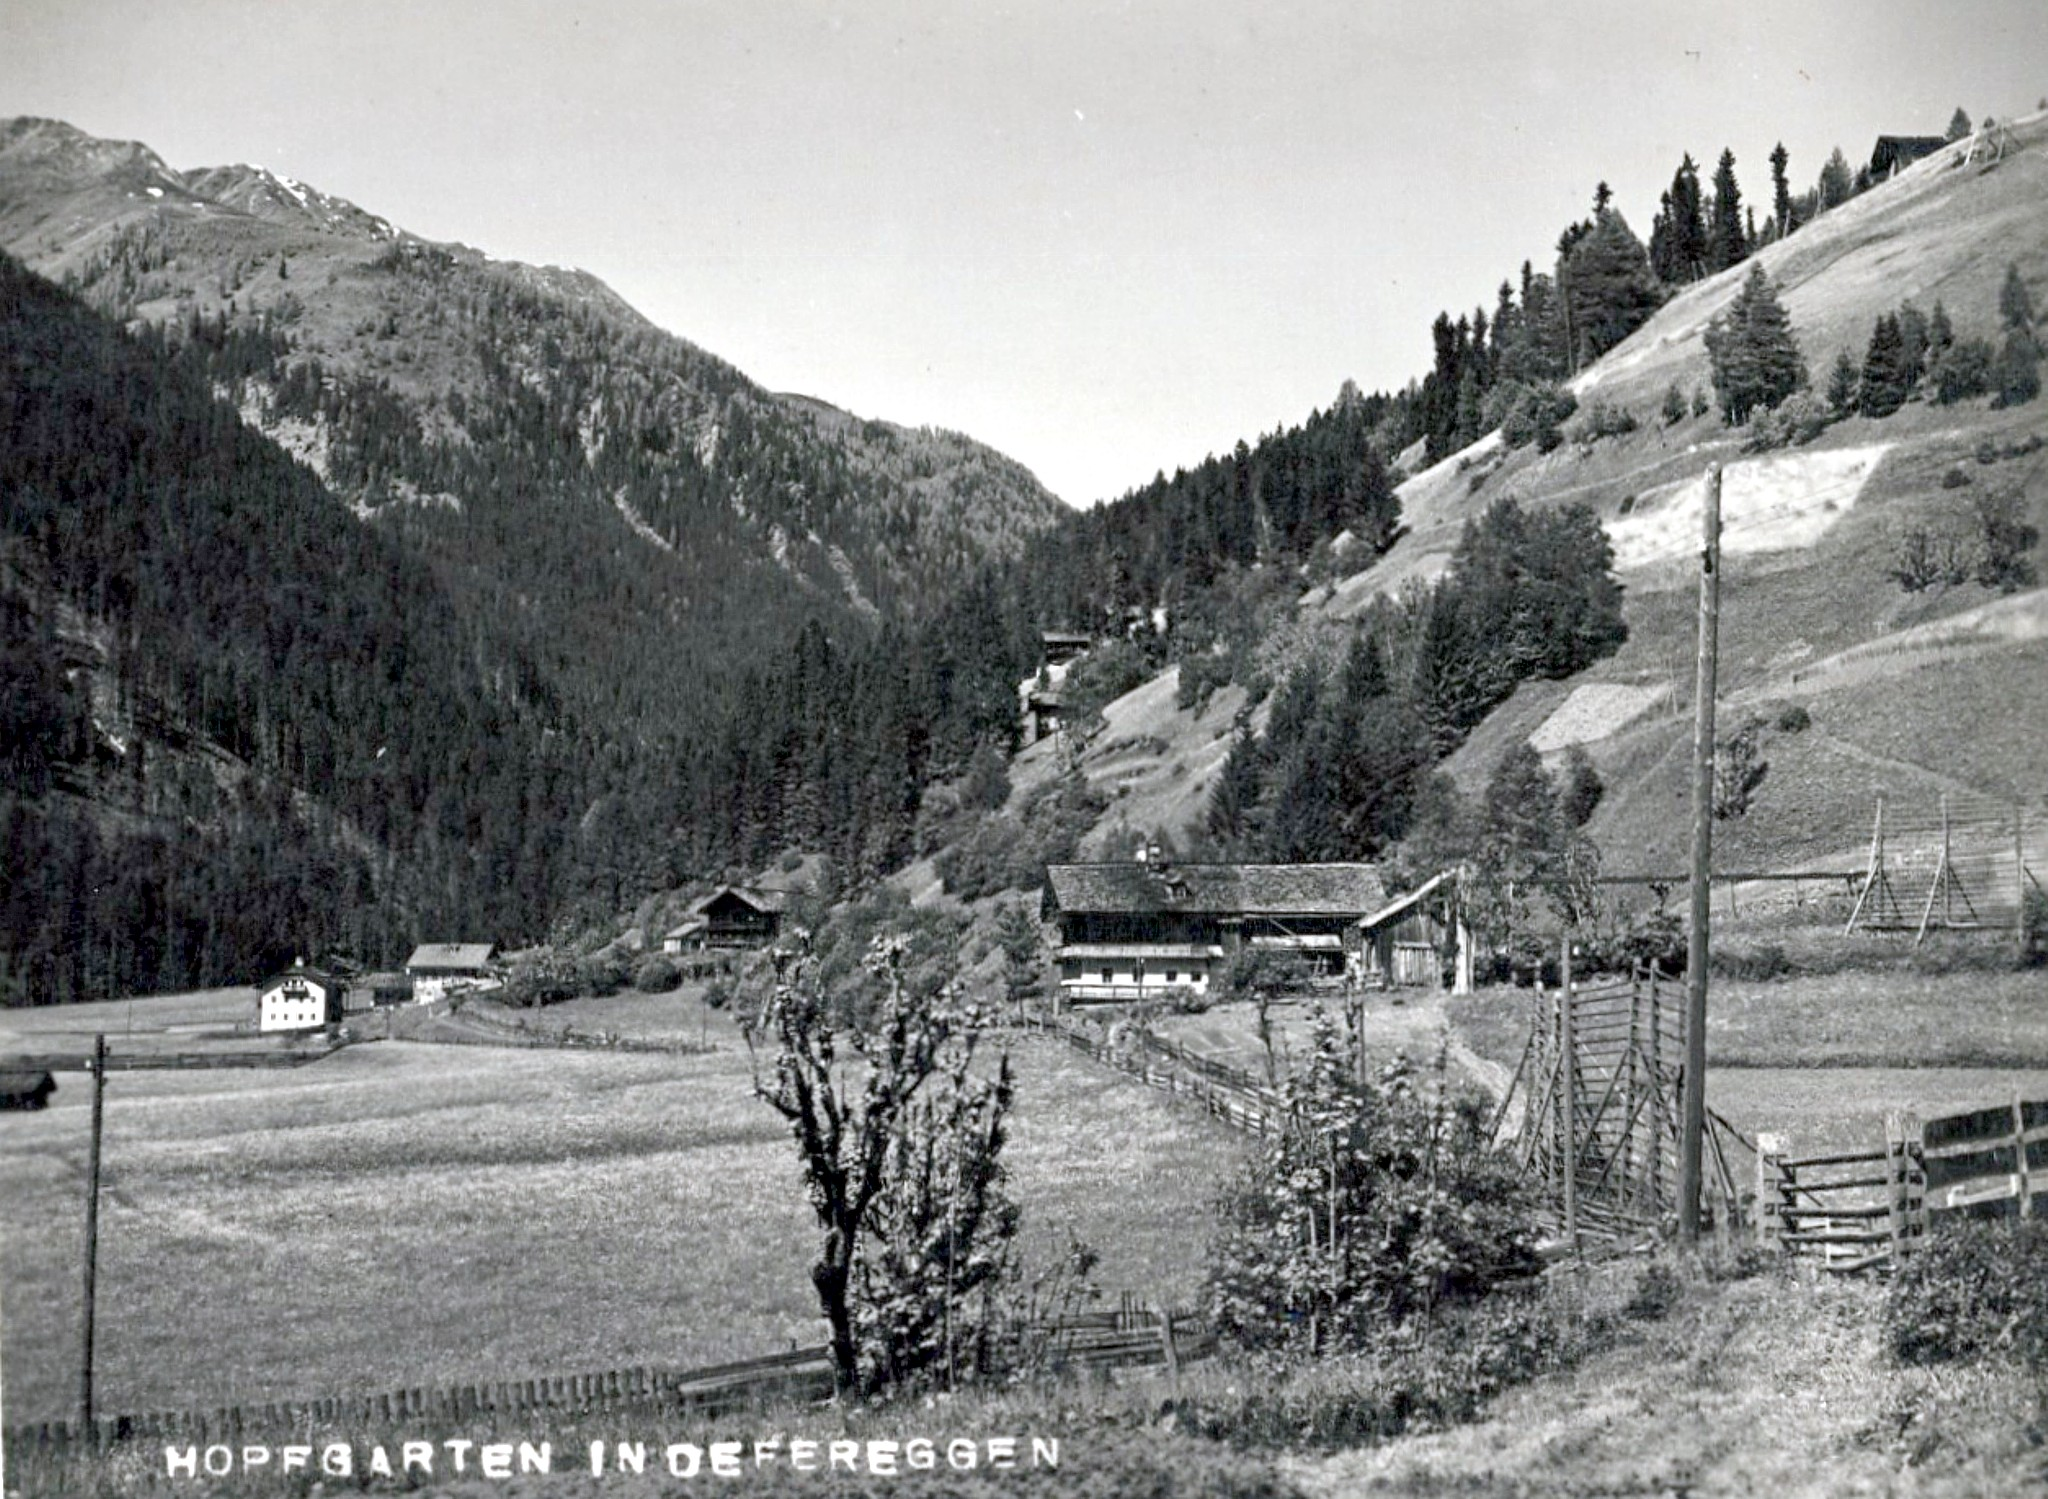 Hopfgarten in Defereggen 1930, Höfe